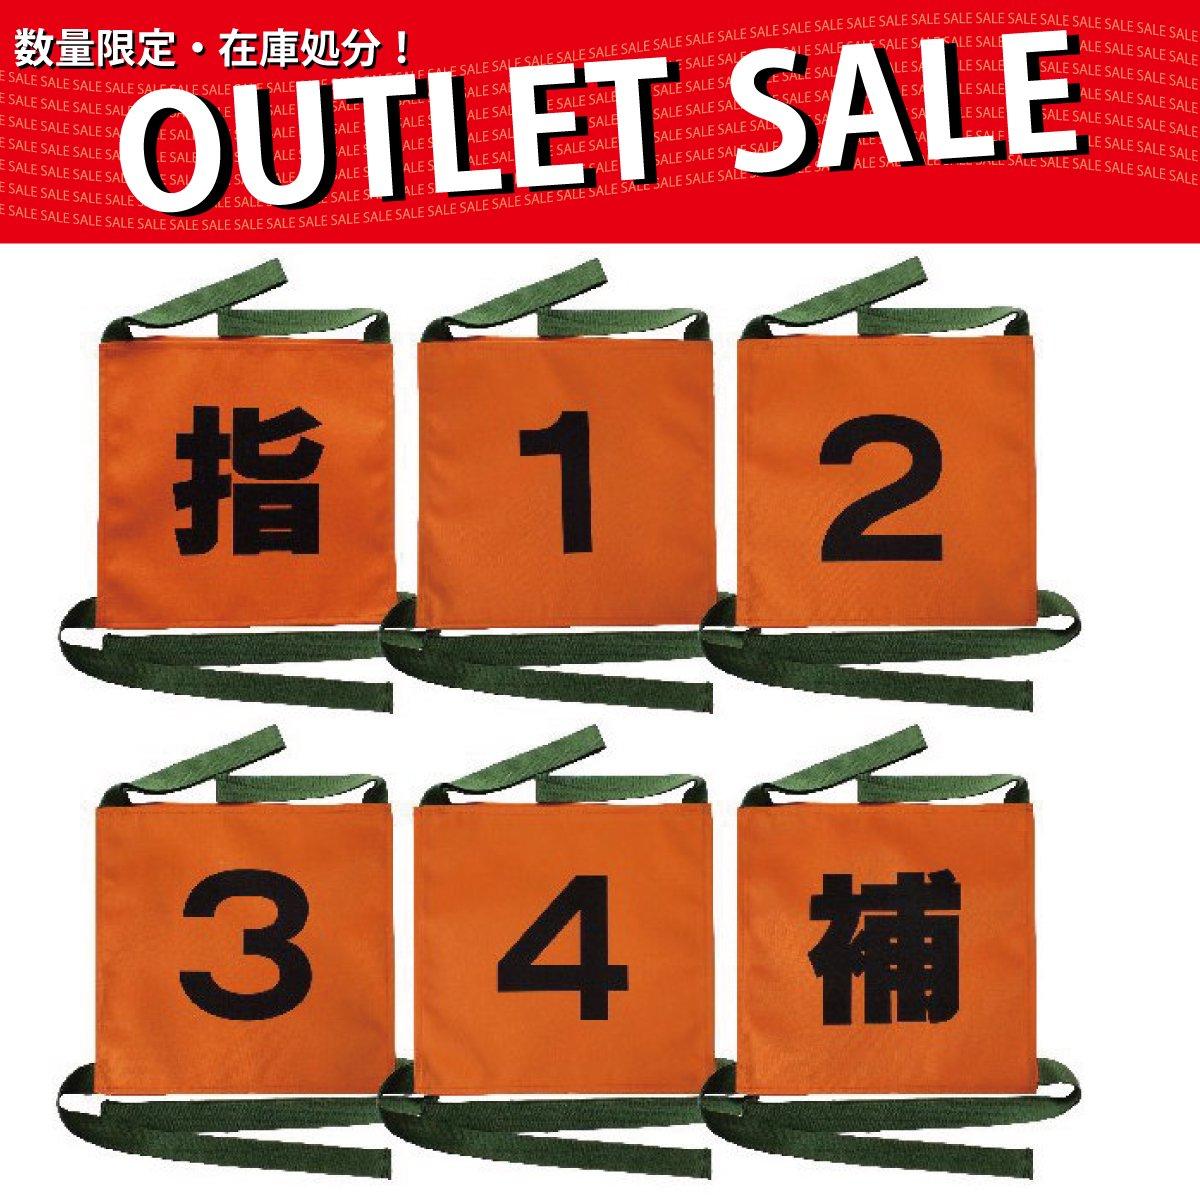 操法用ゼッケン ポンプ車6枚セット オレンジ【指・1・2・3・4・補】